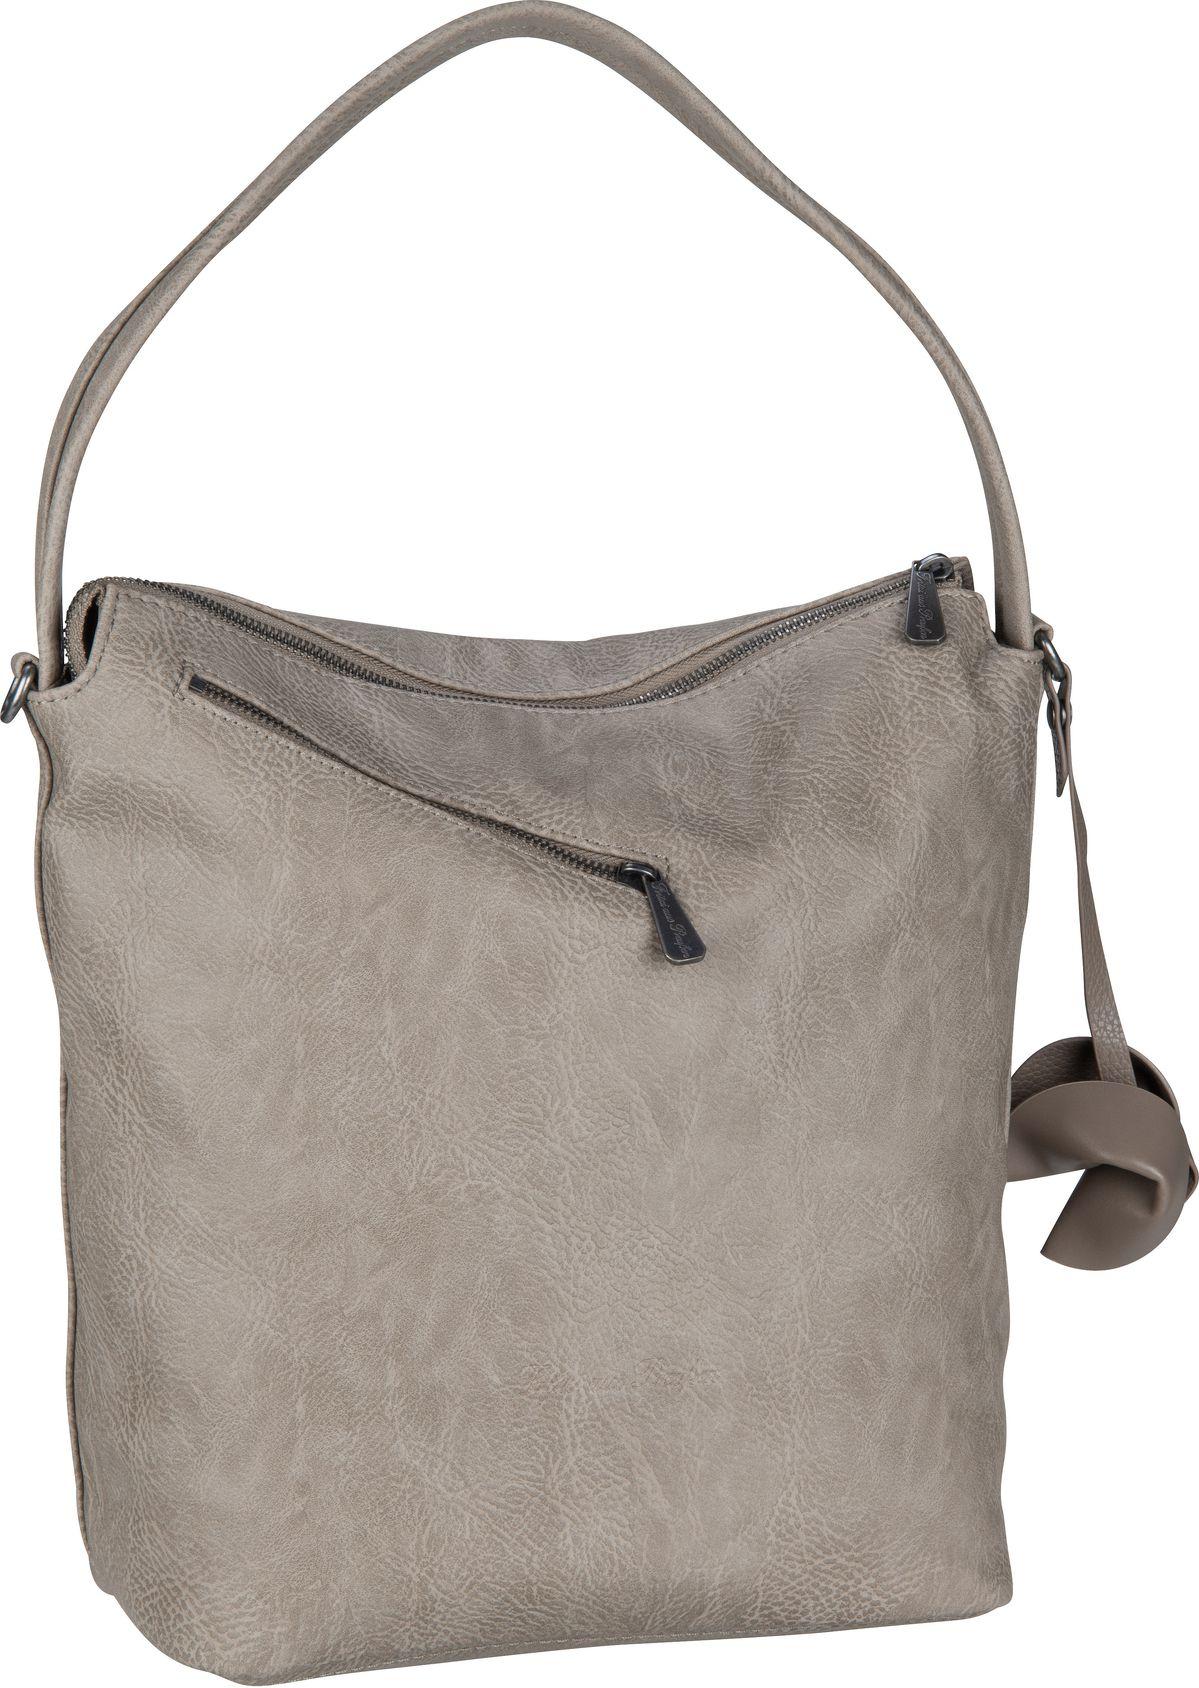 Handtasche Arin Saddle Stone